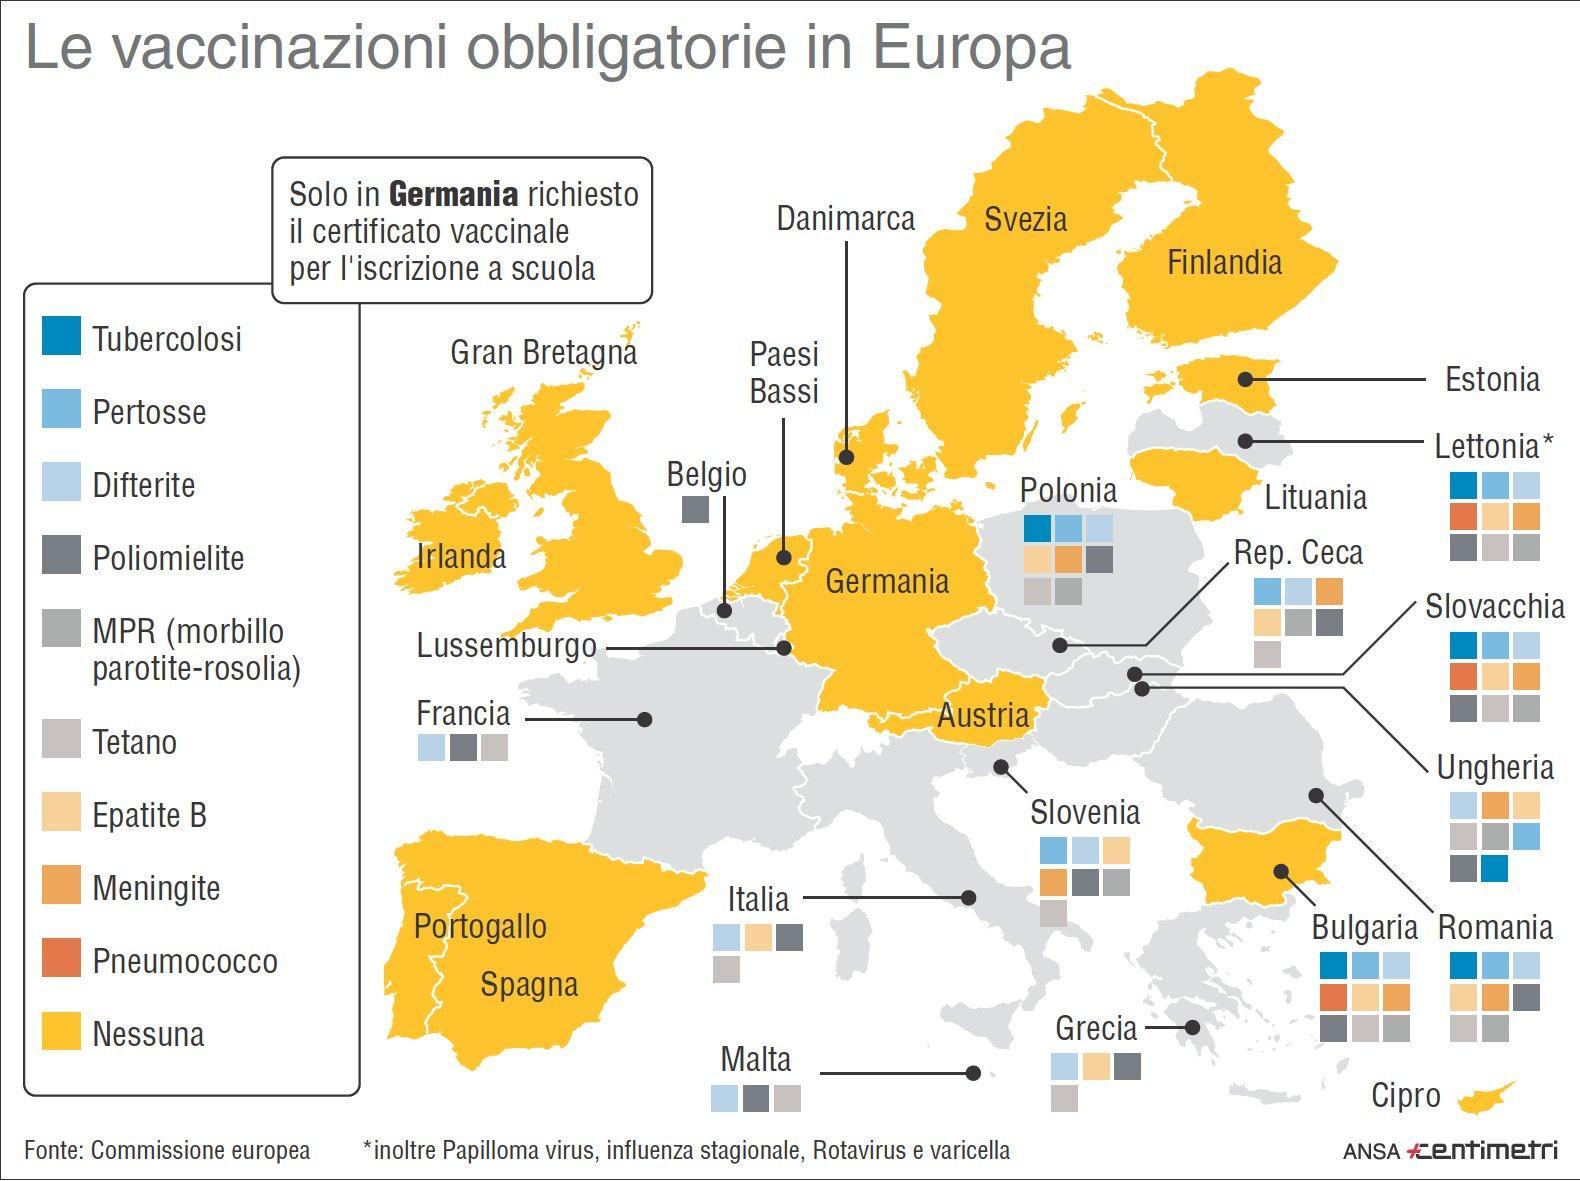 Le vaccinazioni obbligatorie in Europa